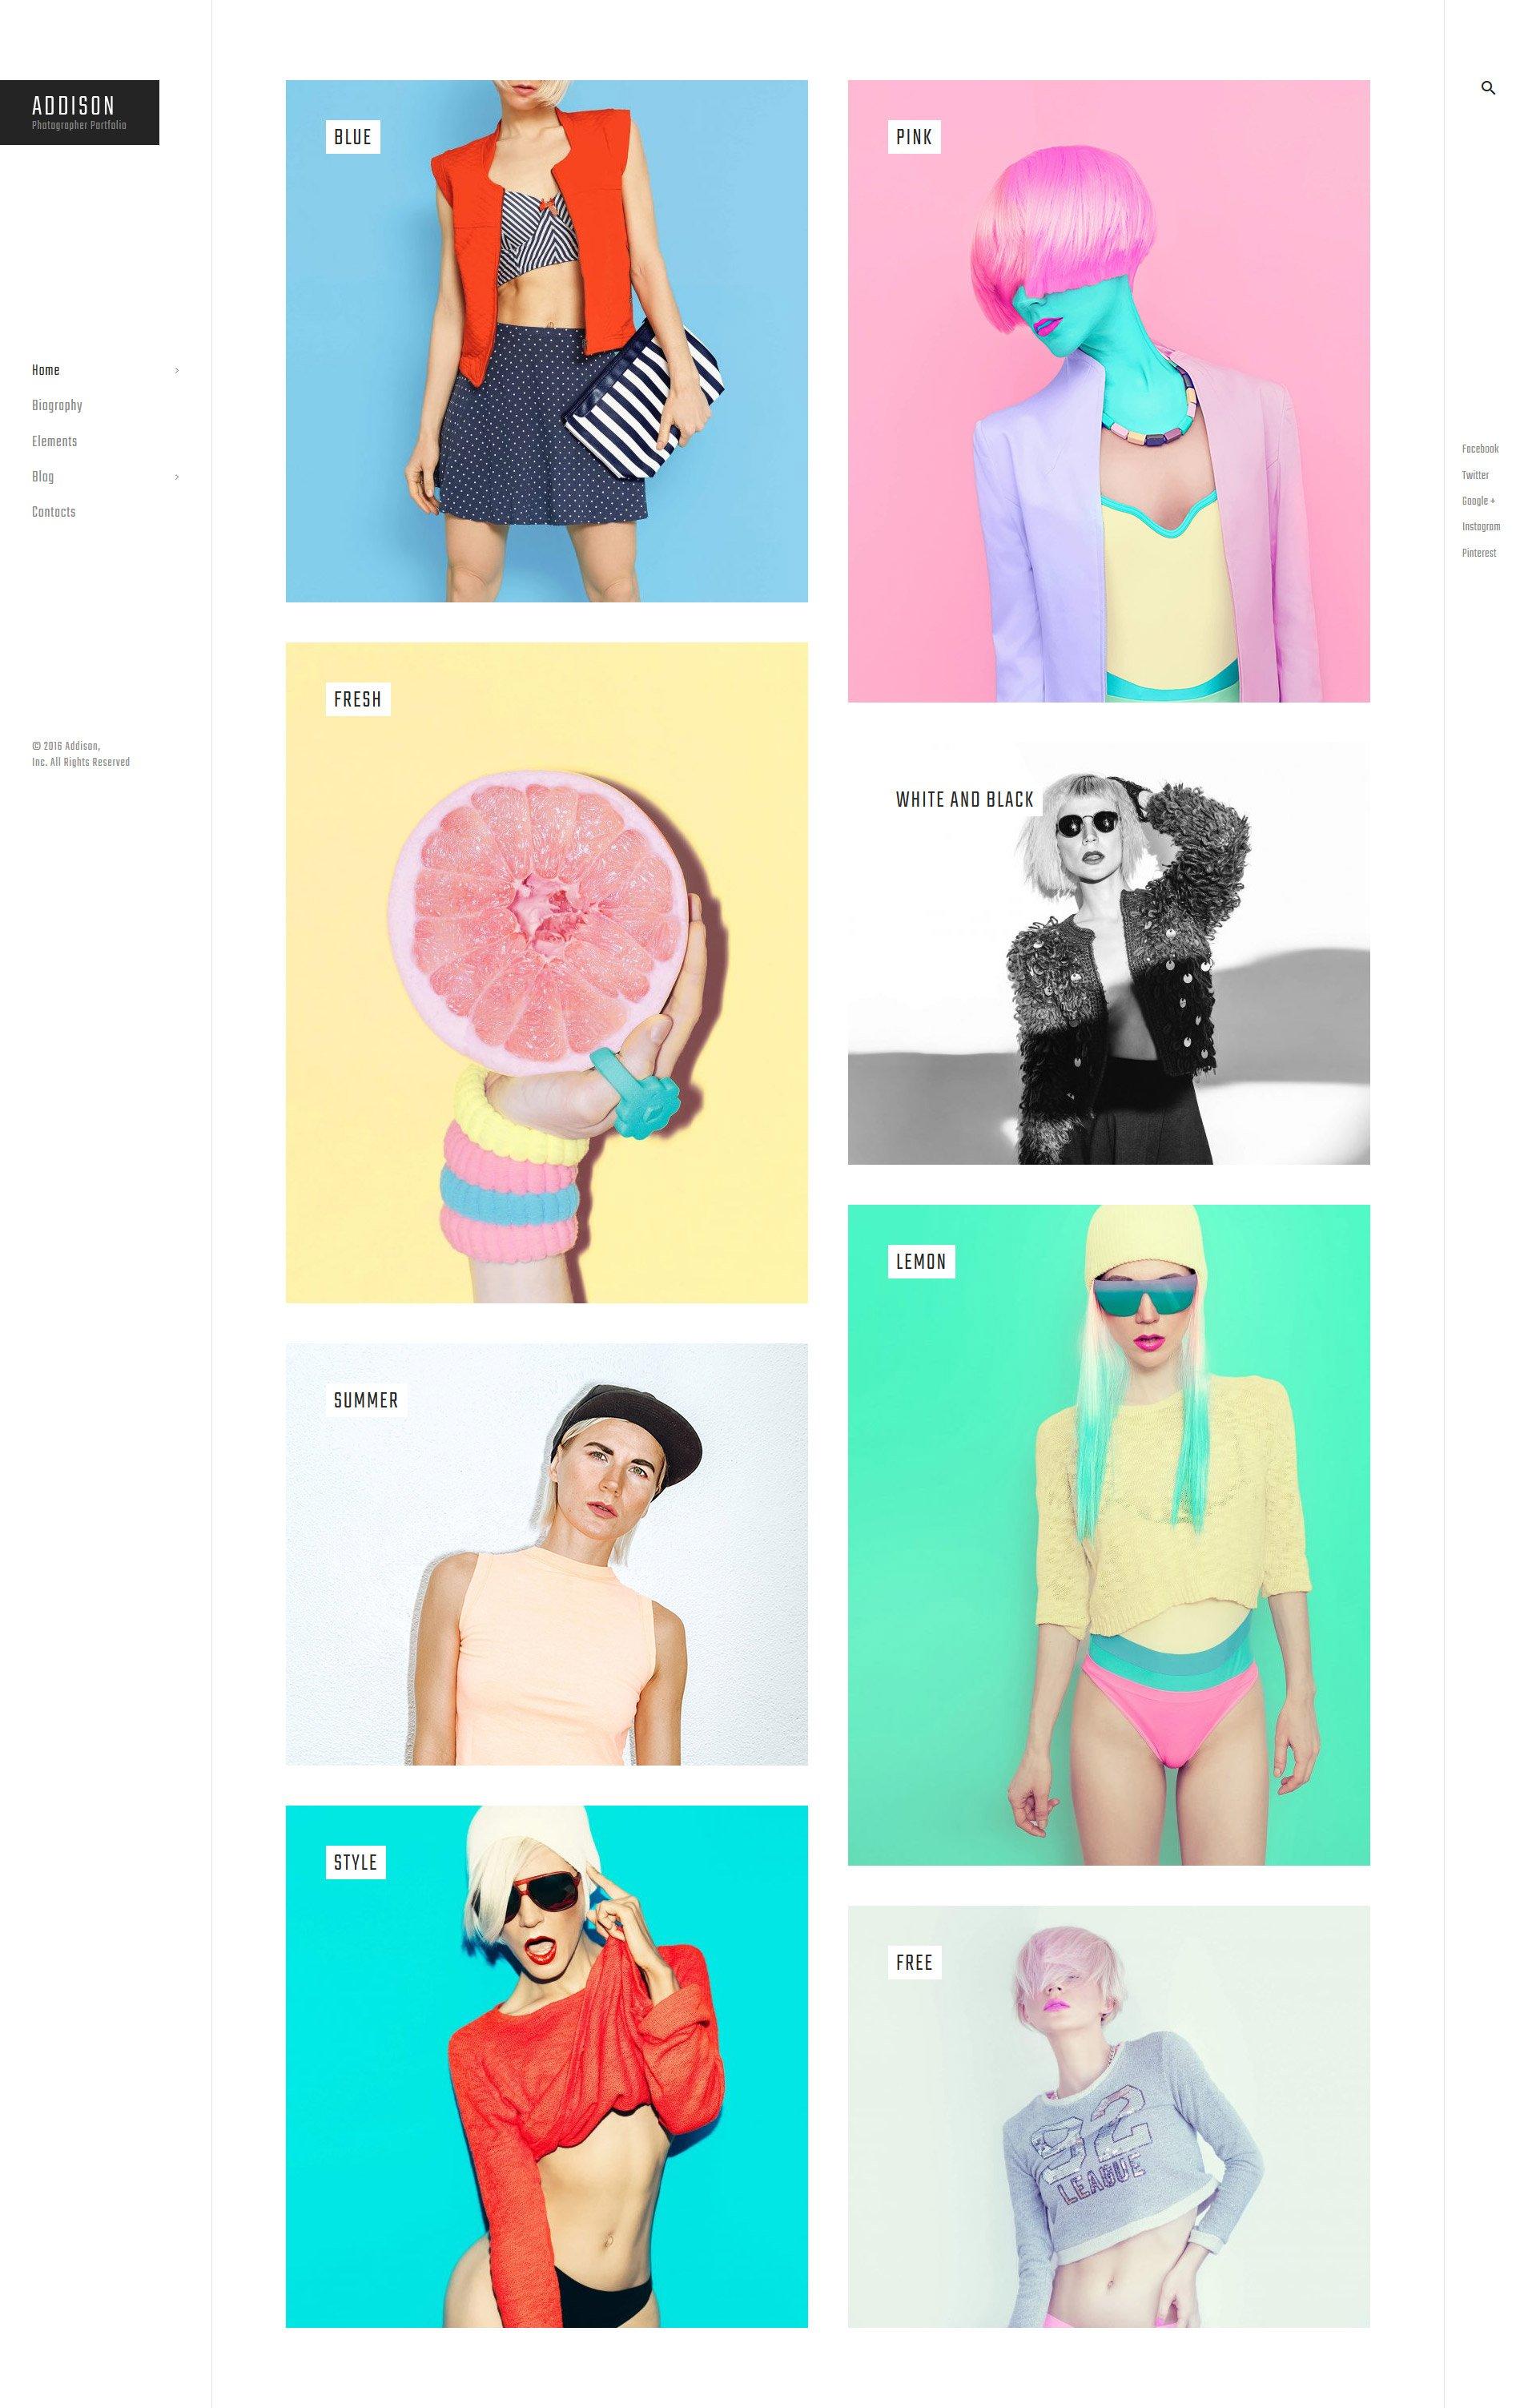 Responsywny motyw WordPress Addison - Creative Photographer Portfolio #58912 - zrzut ekranu